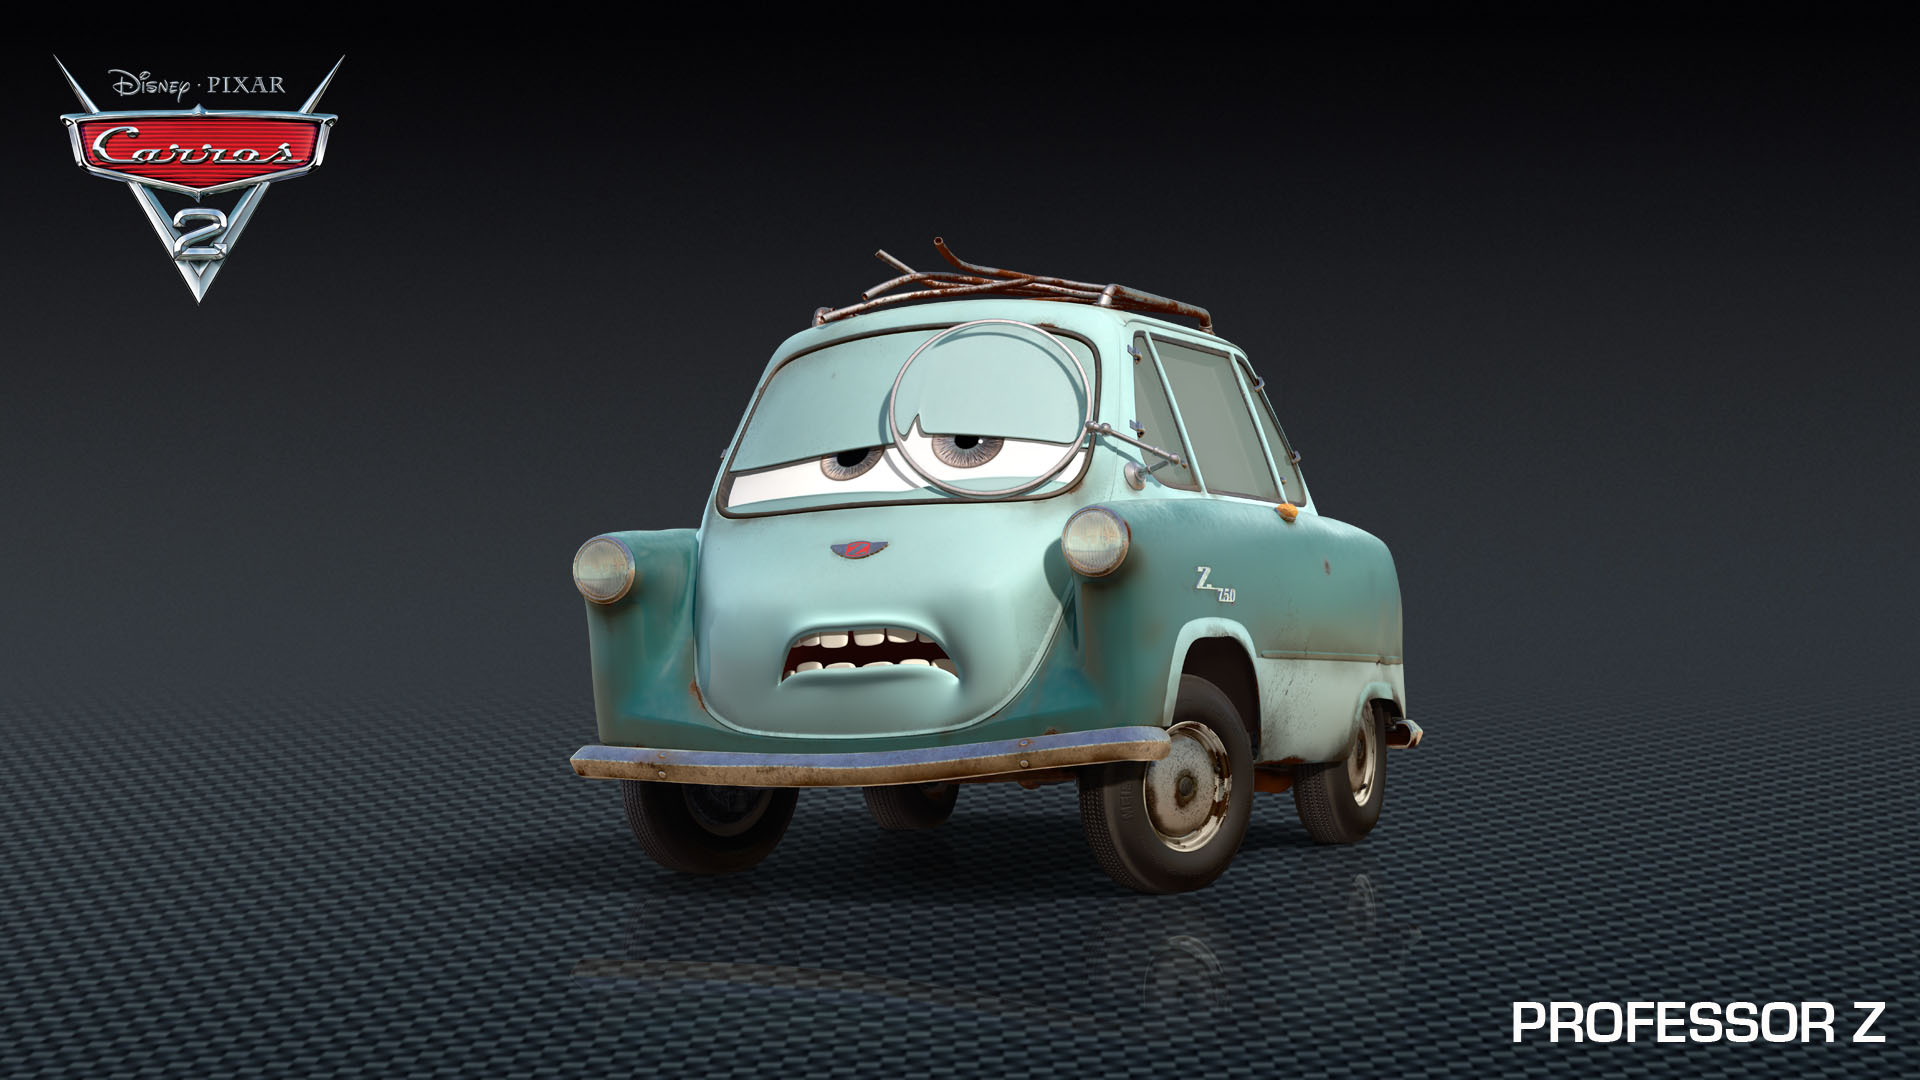 Cars 2 Cartoon Characters Names : Conhe�a mais tr�s novos personagens de carros cad� o